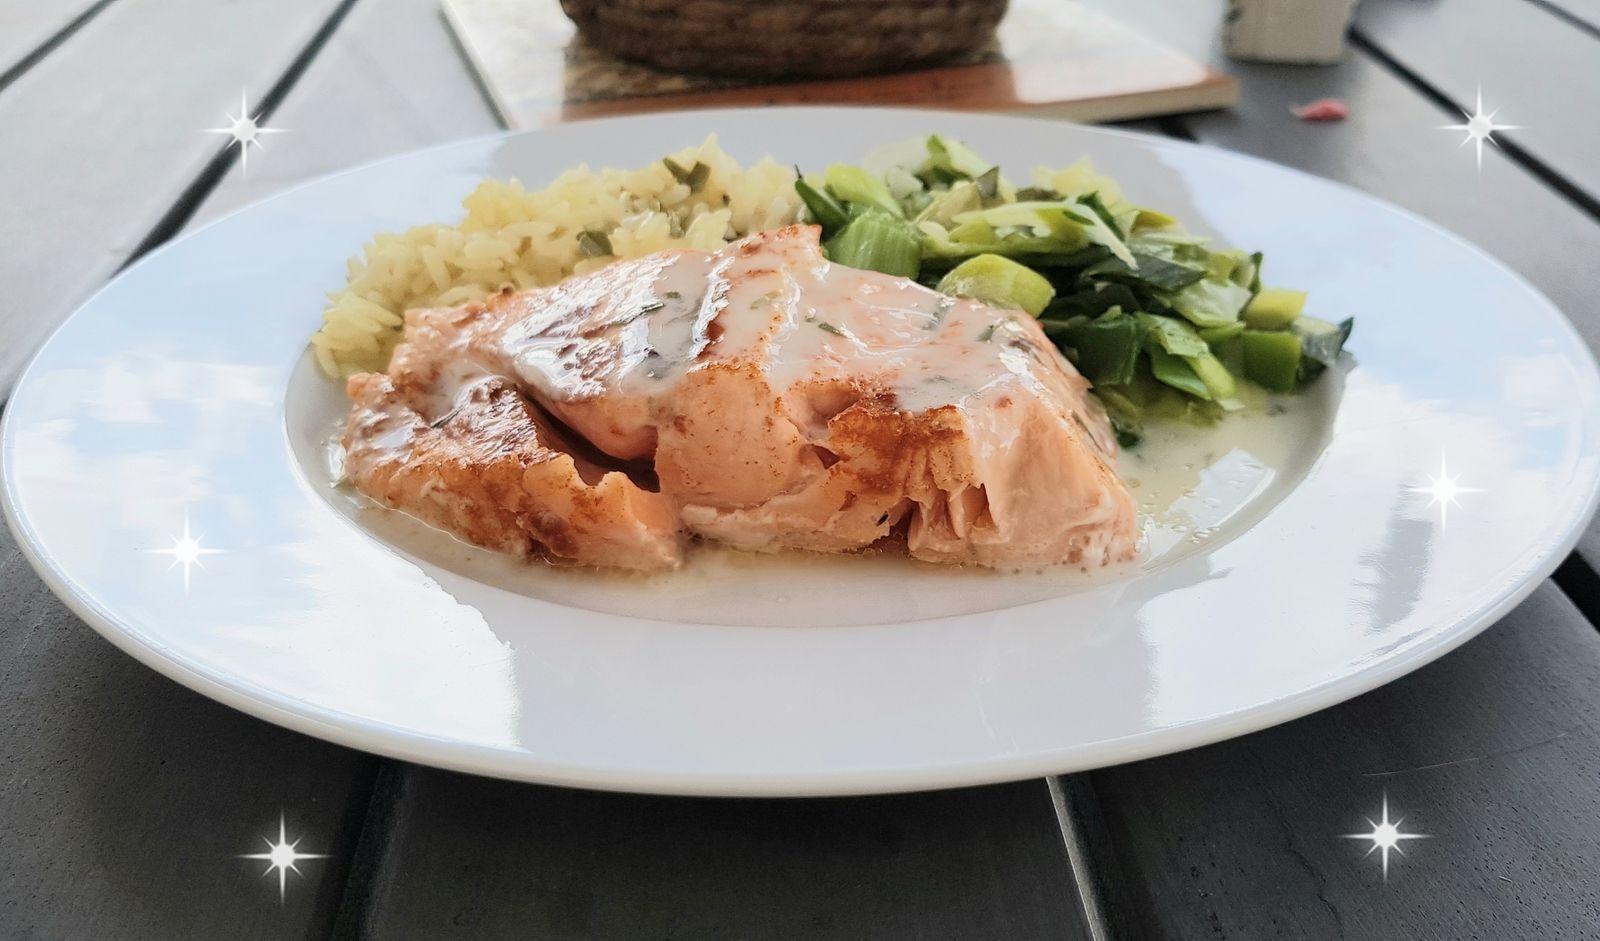 Pavé de saumon, poireaux et riz  sauce crème estragon (I-cook'in)